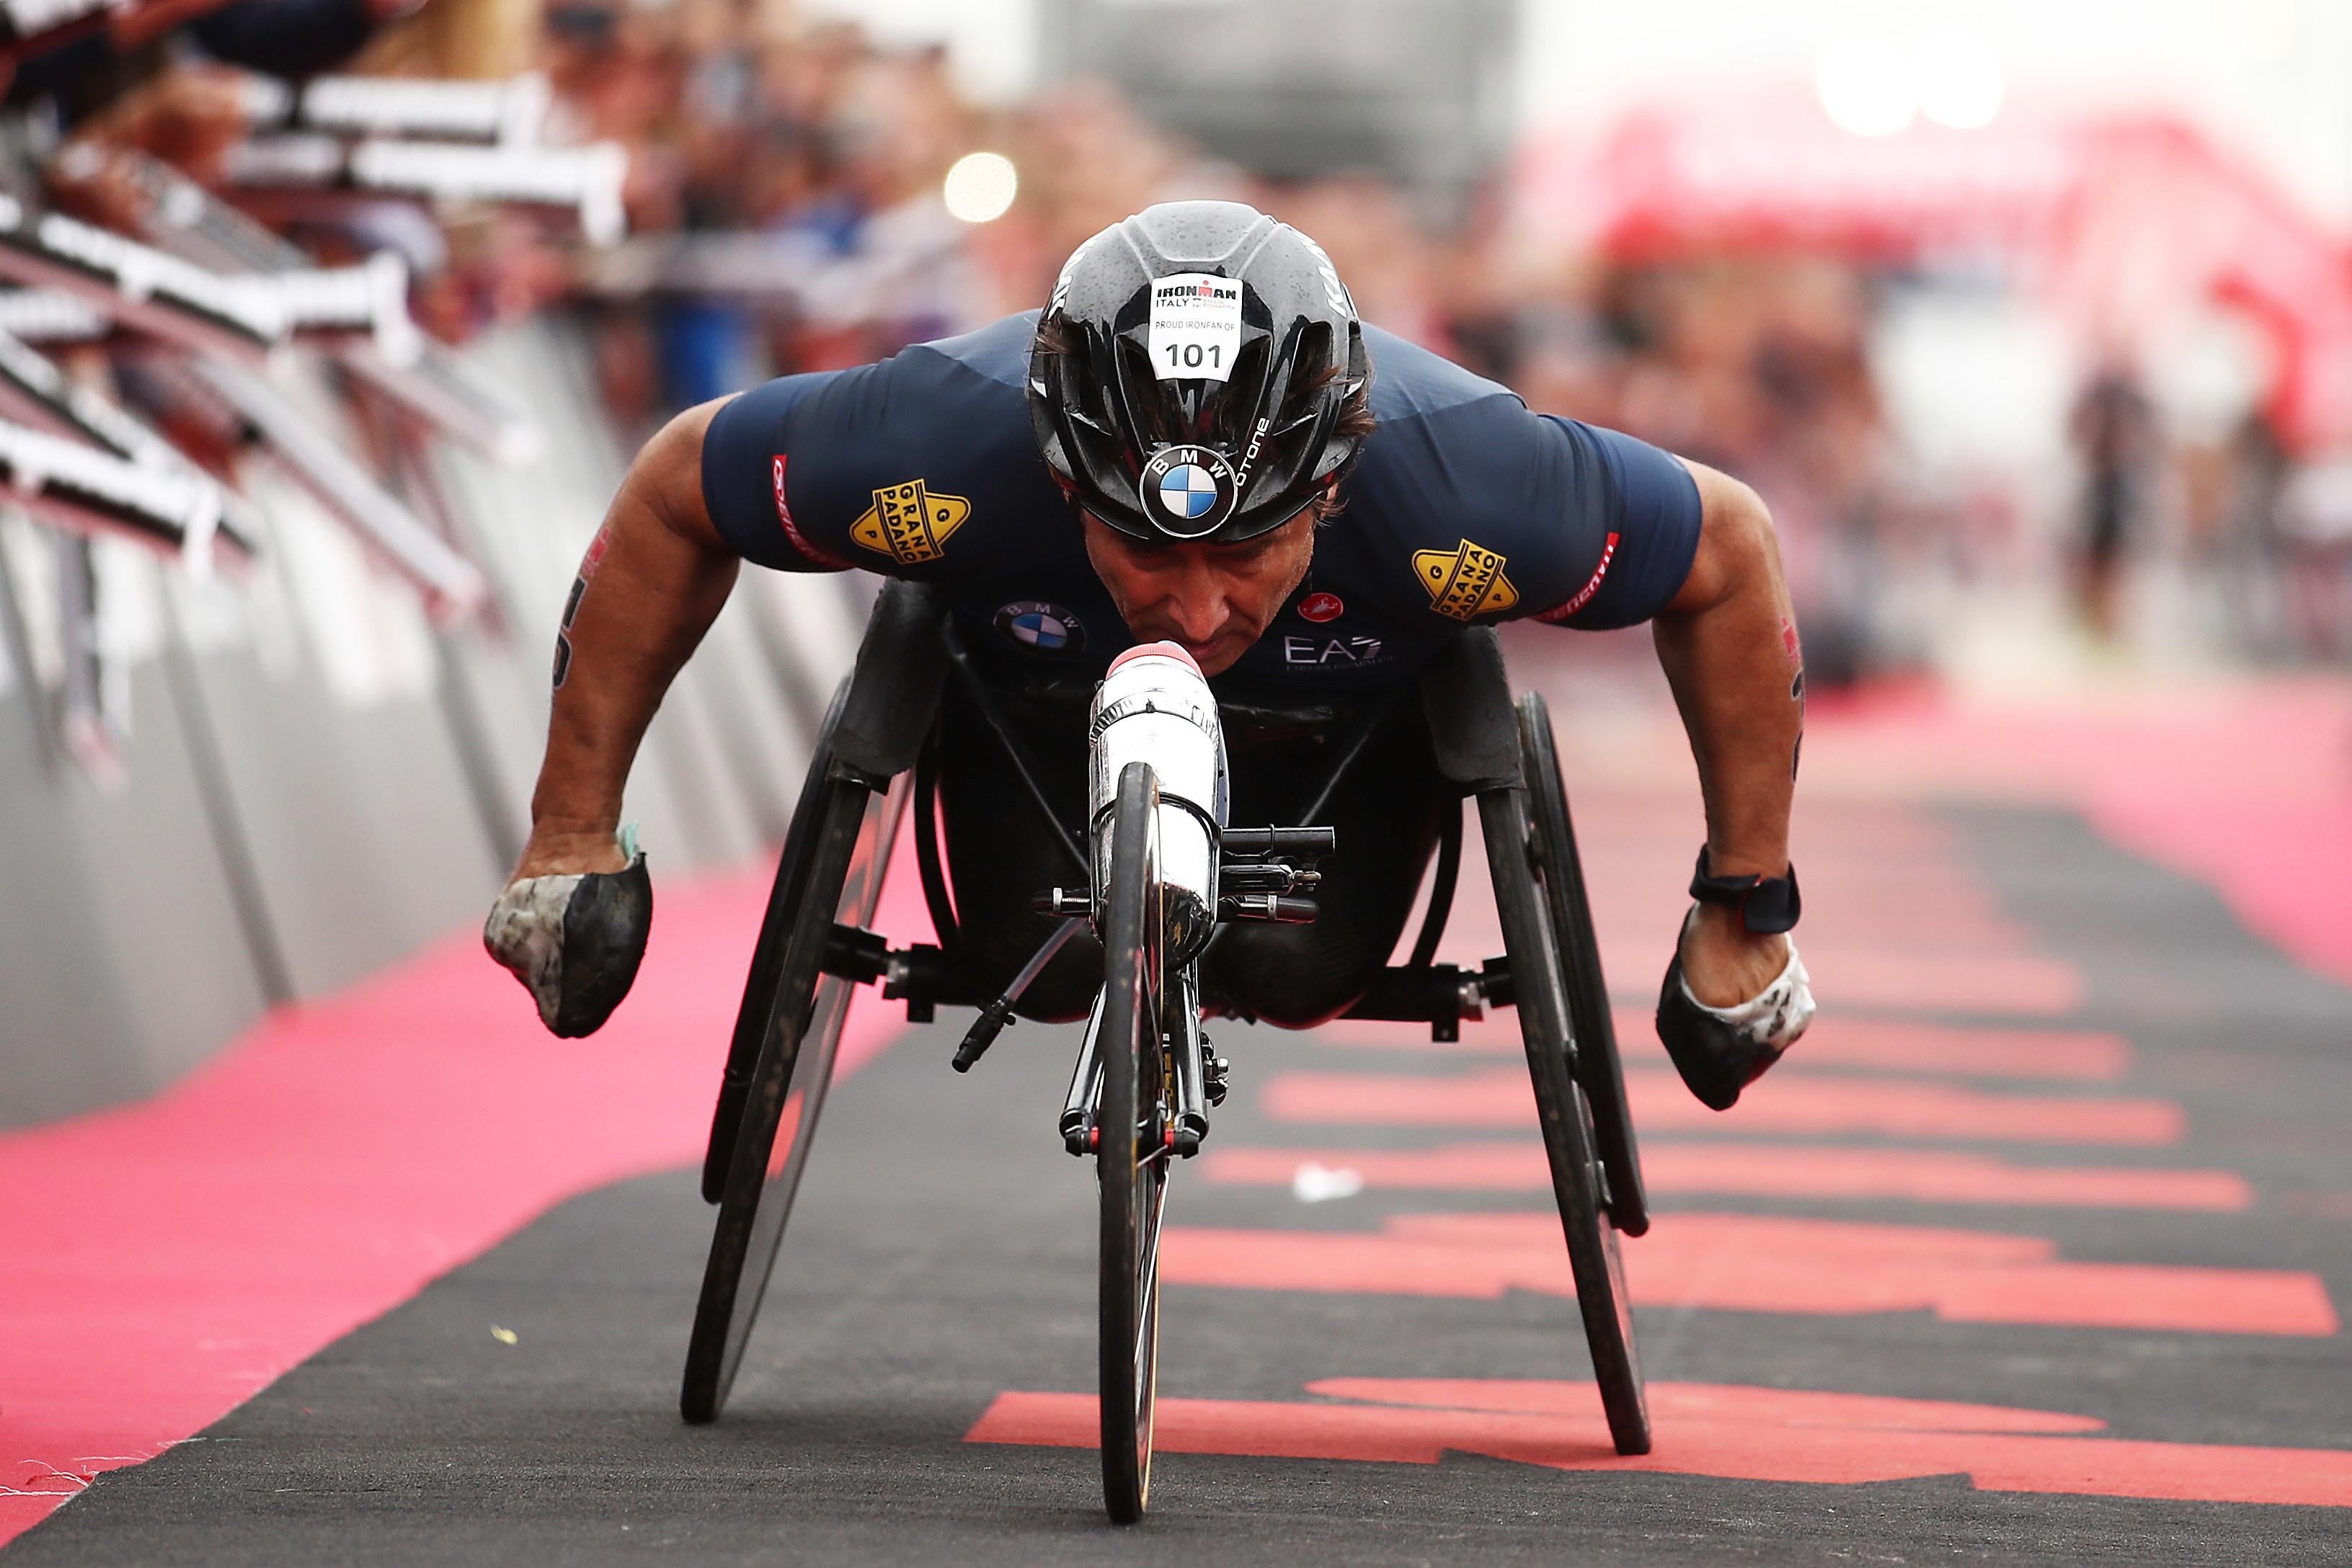 Il mondo dello sport italiano è in ansia per Alex Zanardi, rimasto coinvolto in un incidente stradale mentre partecipava a una gara di handbike...